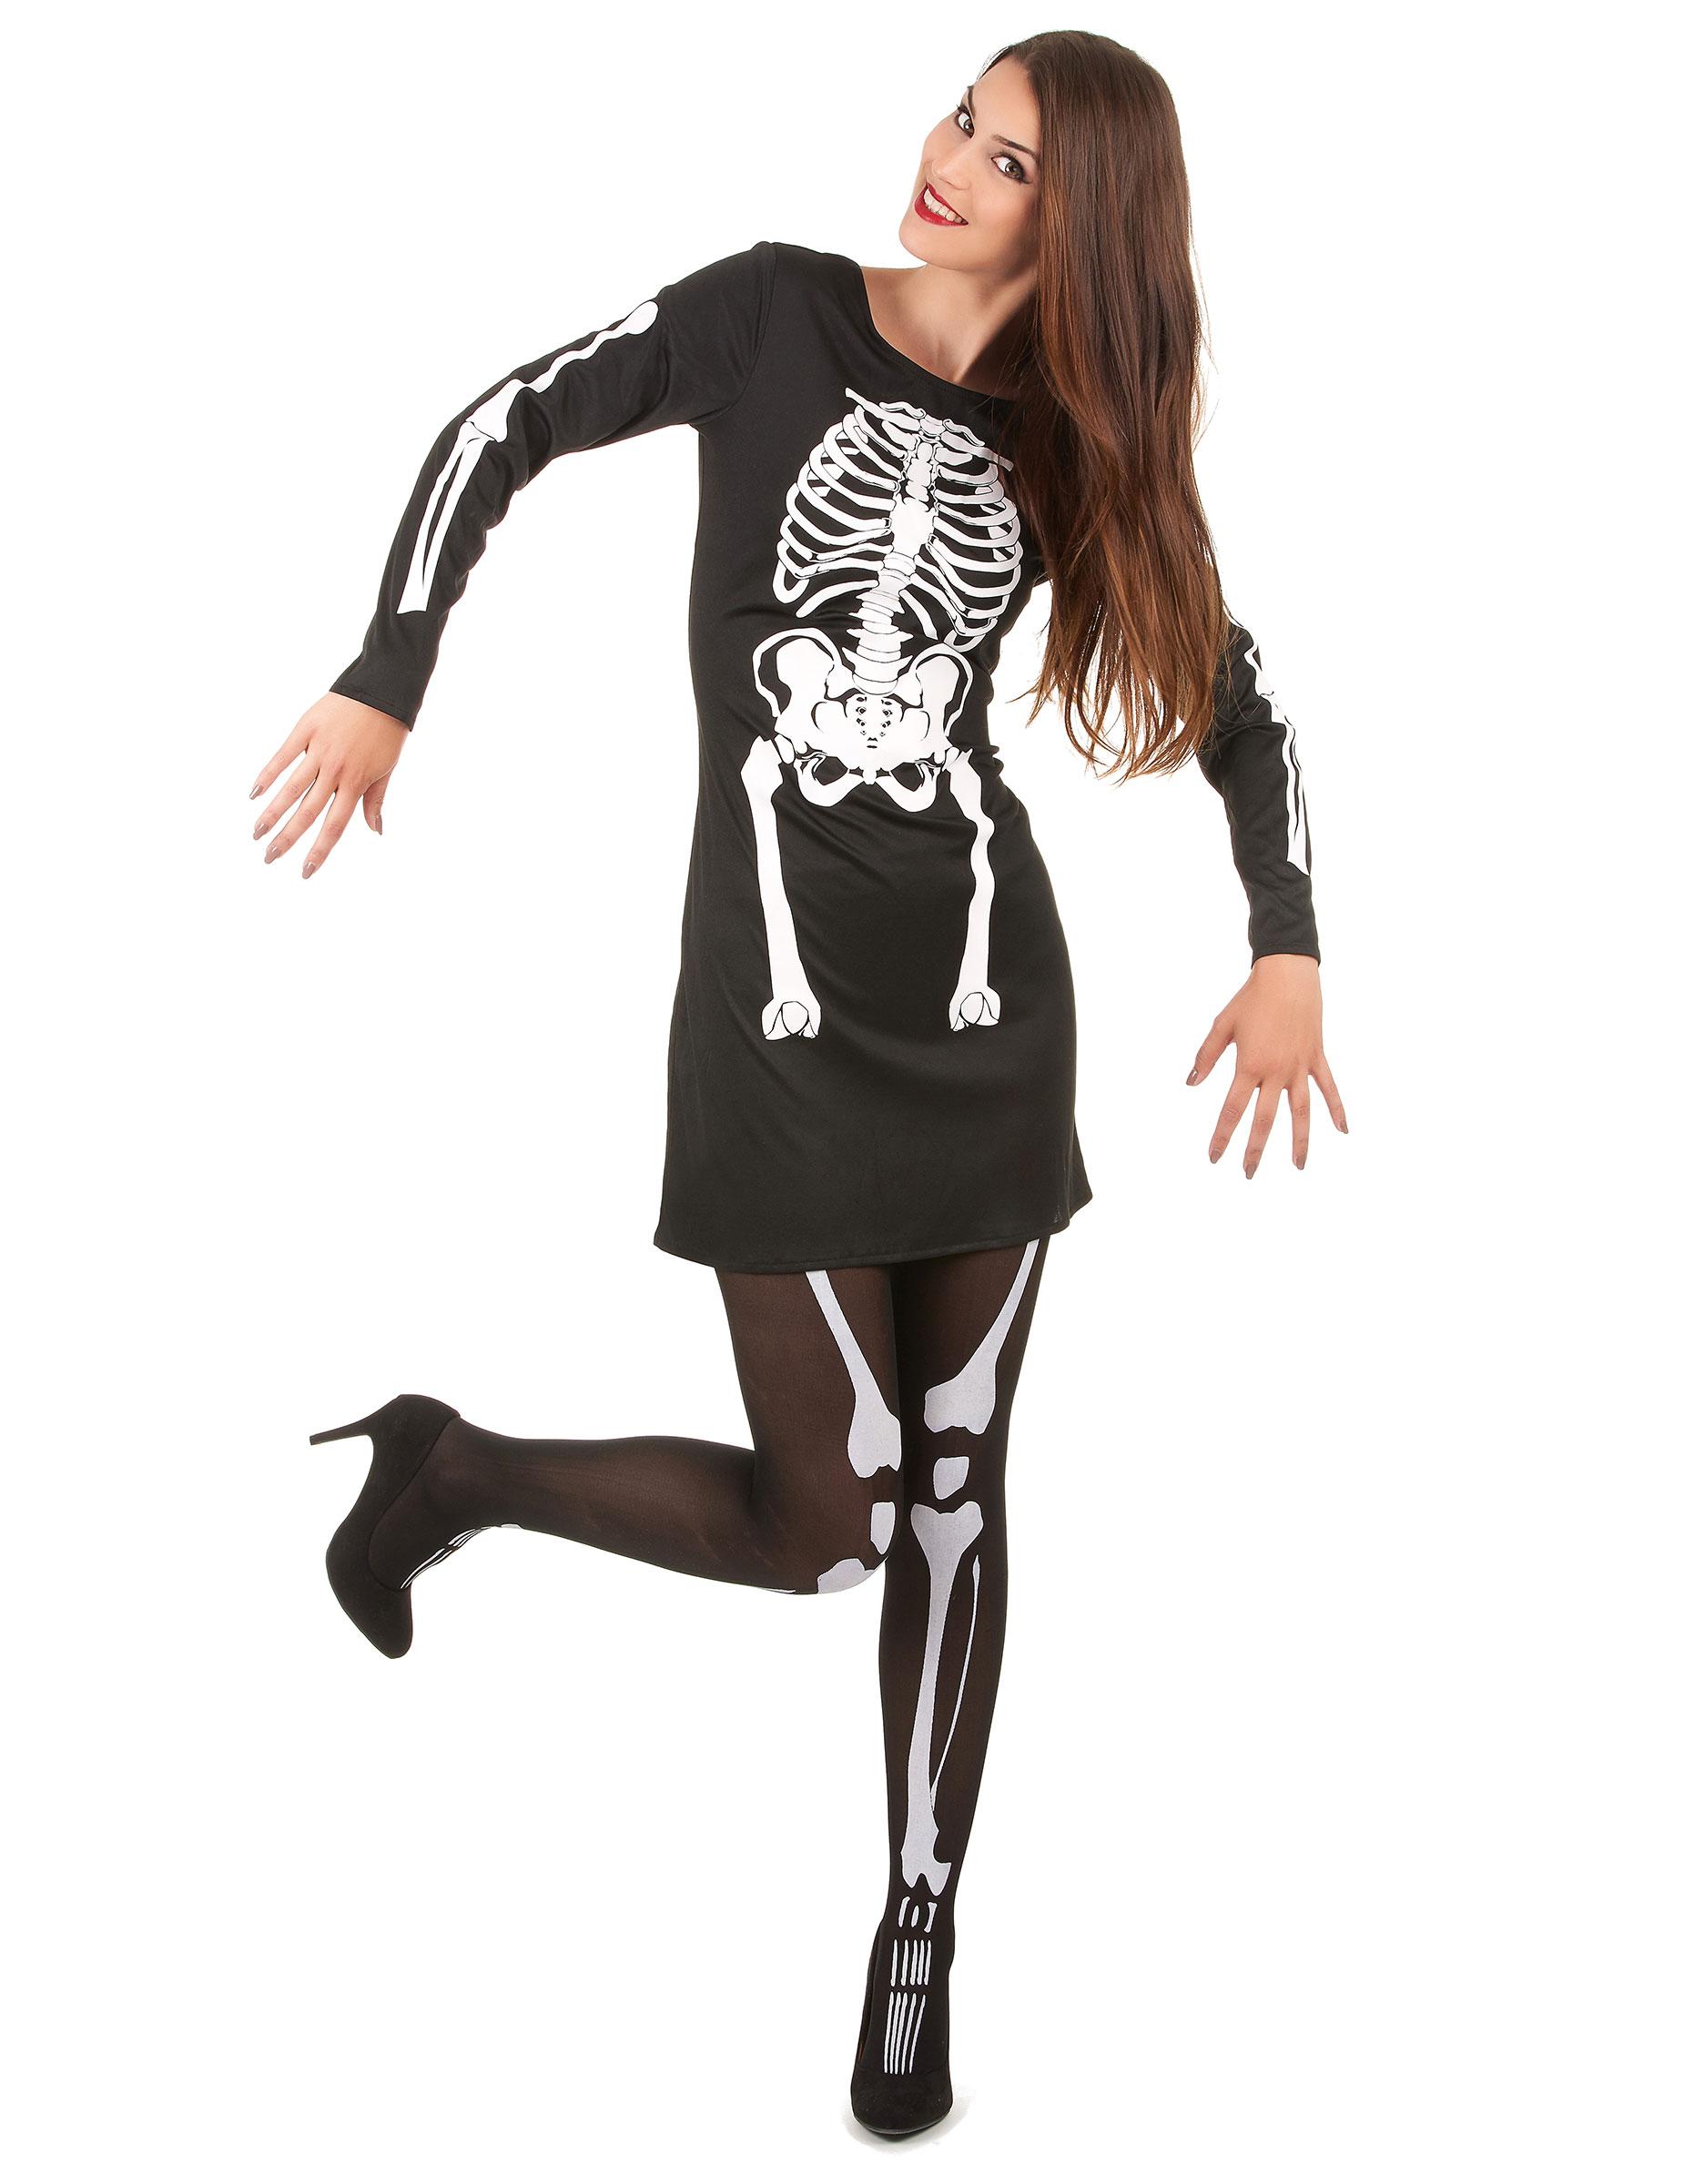 0d8fb81c8726 Costume con vestito scheletro da donna su VegaooParty, negozio di ...